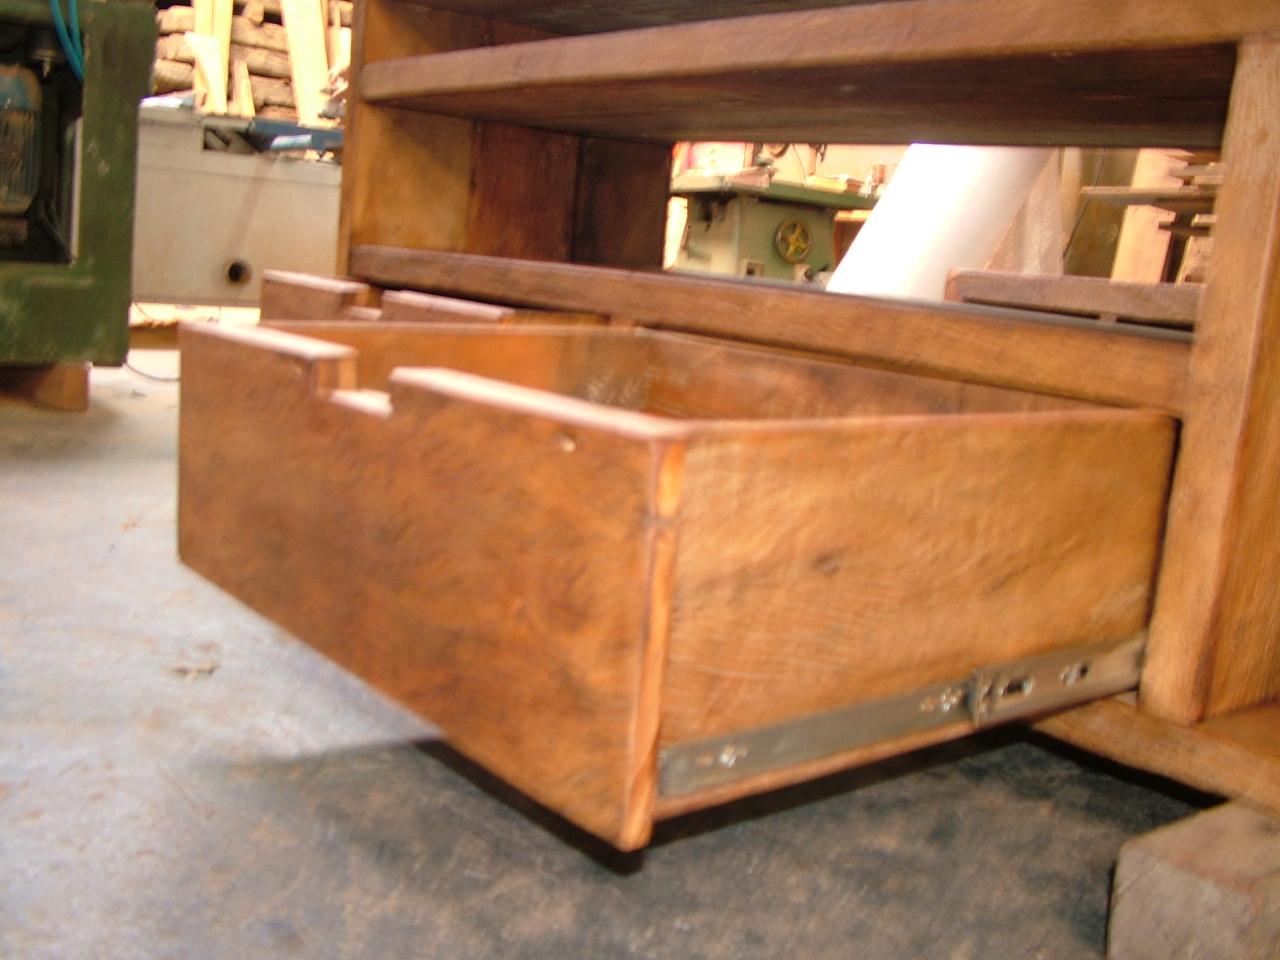 gaveta home – madeira de demolicao – movel rustico Madeira de  #A26729 1280x960